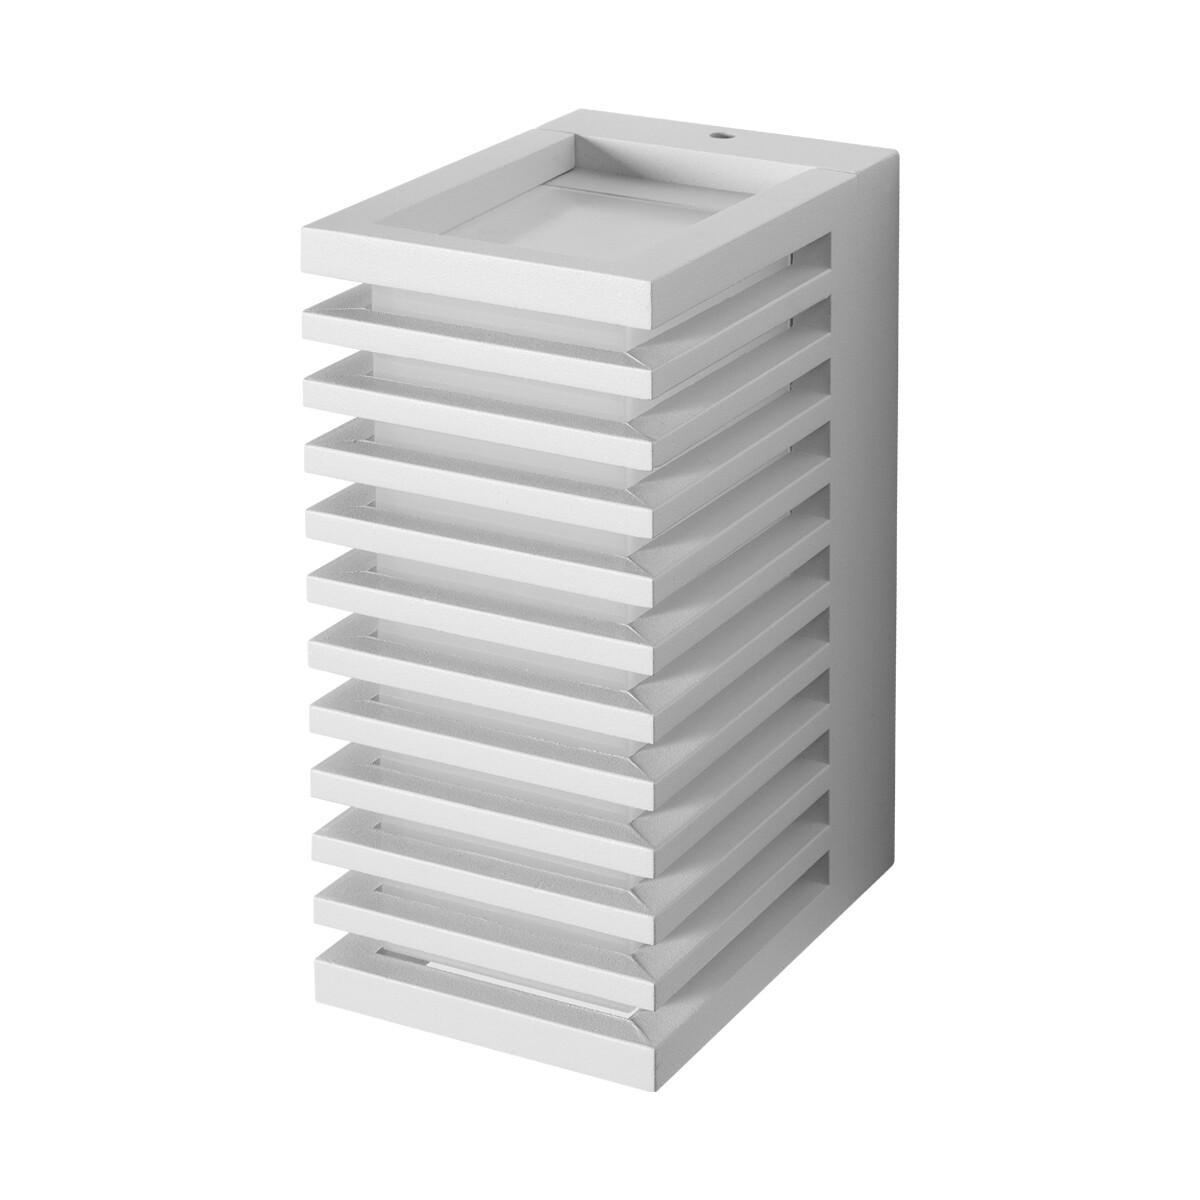 KUMA Wall-mounted luminaire 11W 900lm White